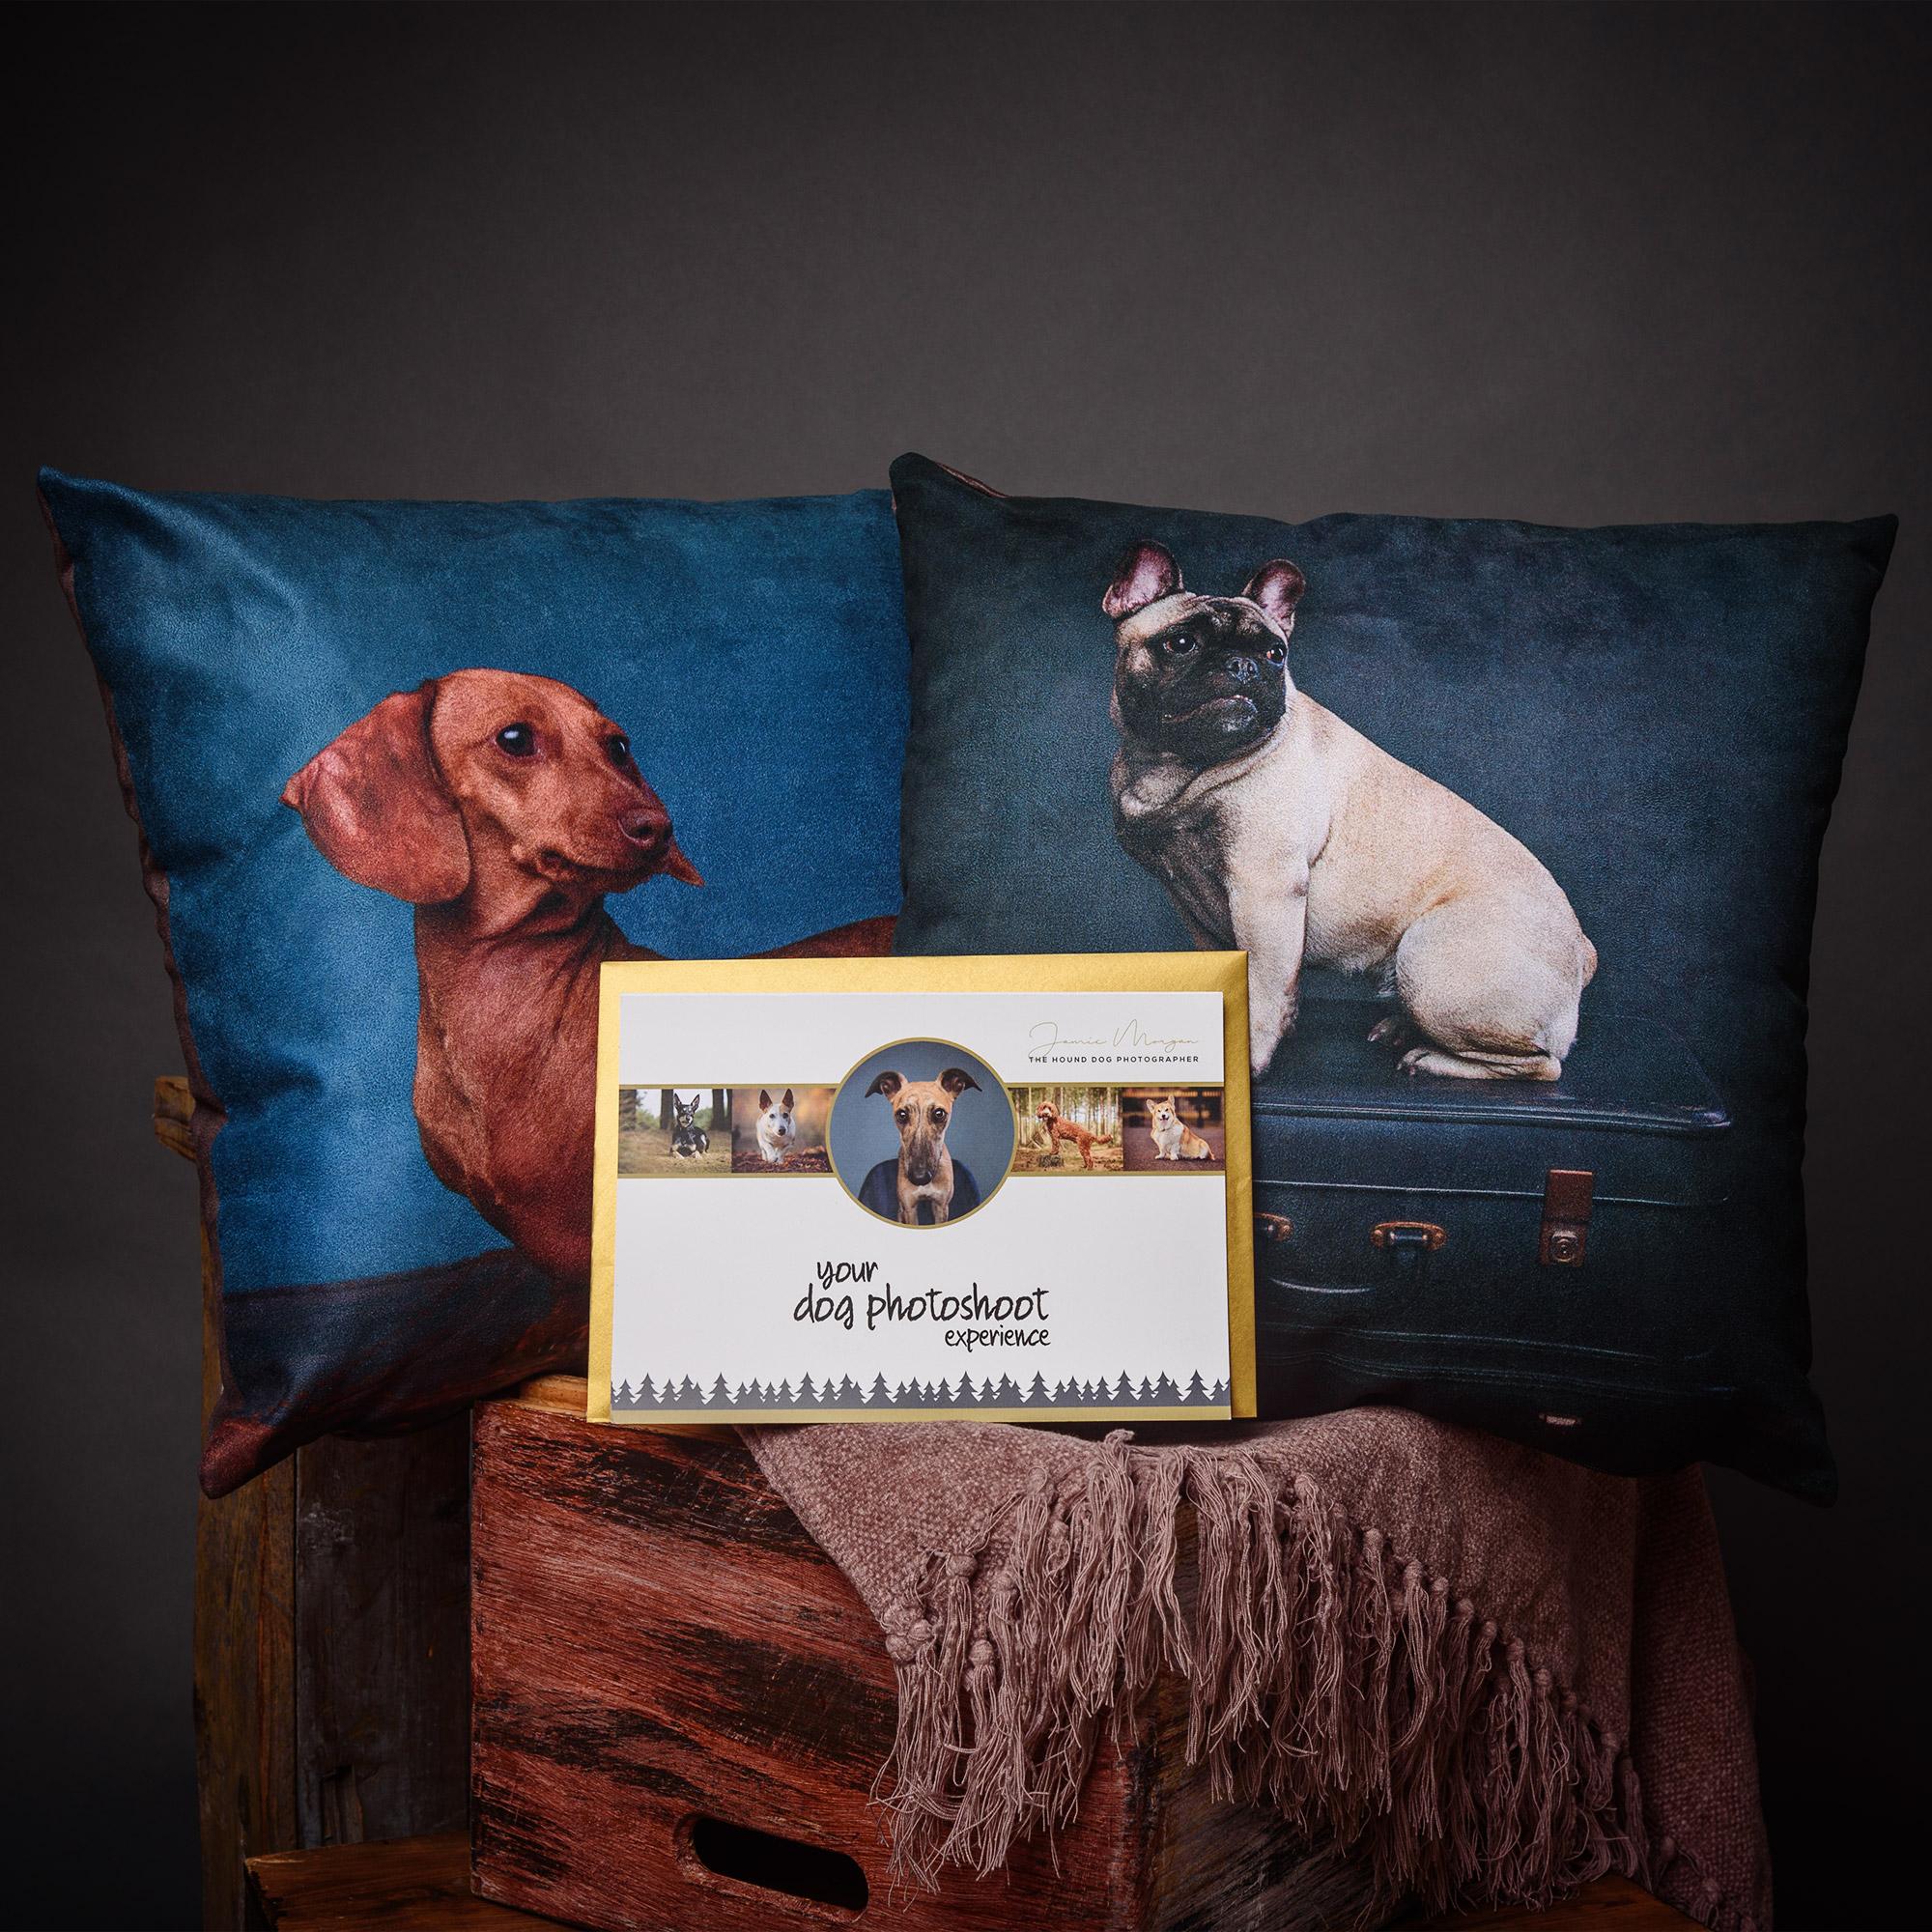 Cushion & Studio Dog Photoshoot Experience